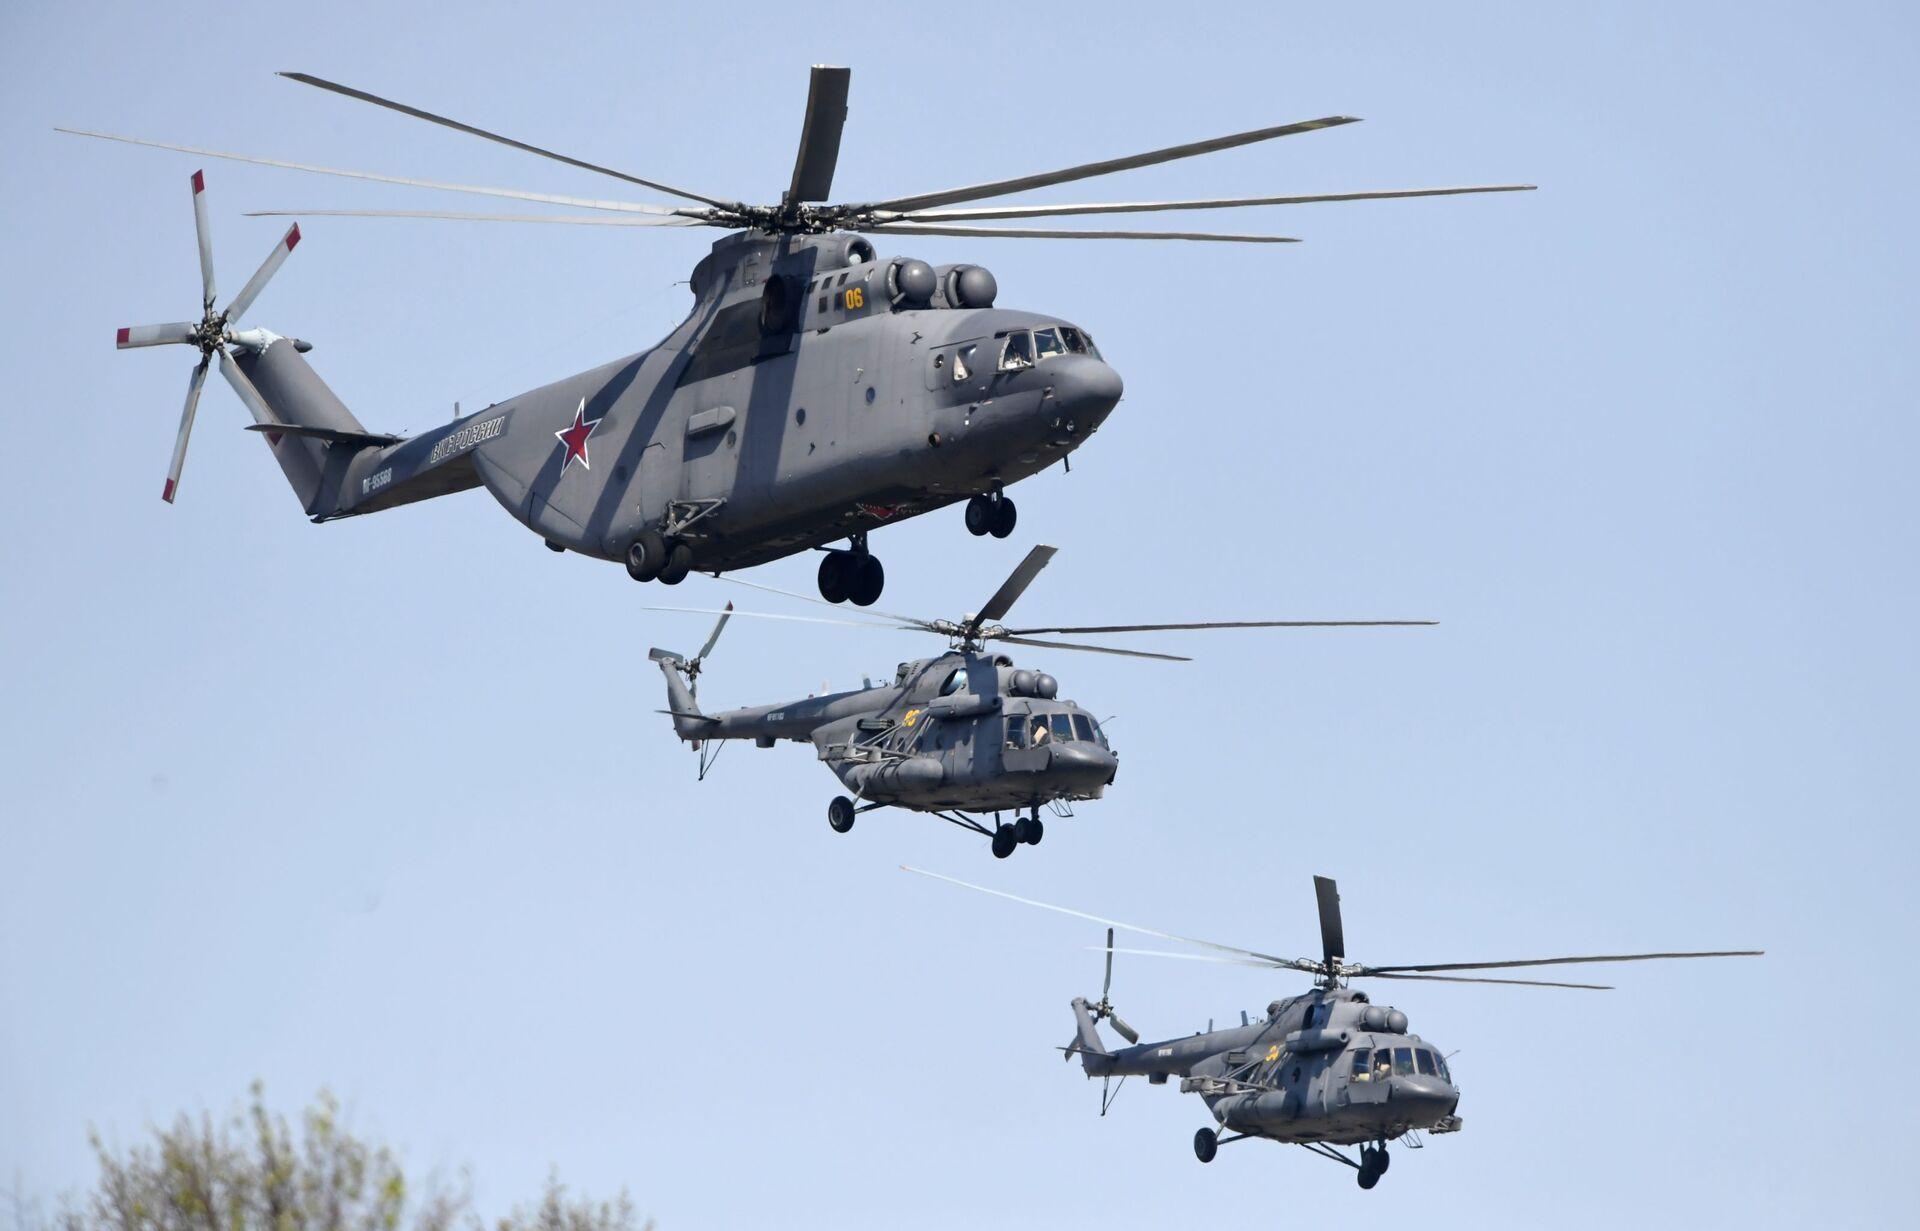 VRT500 - trực thăng đột phá dành cho thị trường Nga - Sputnik Việt Nam, 1920, 31.05.2021